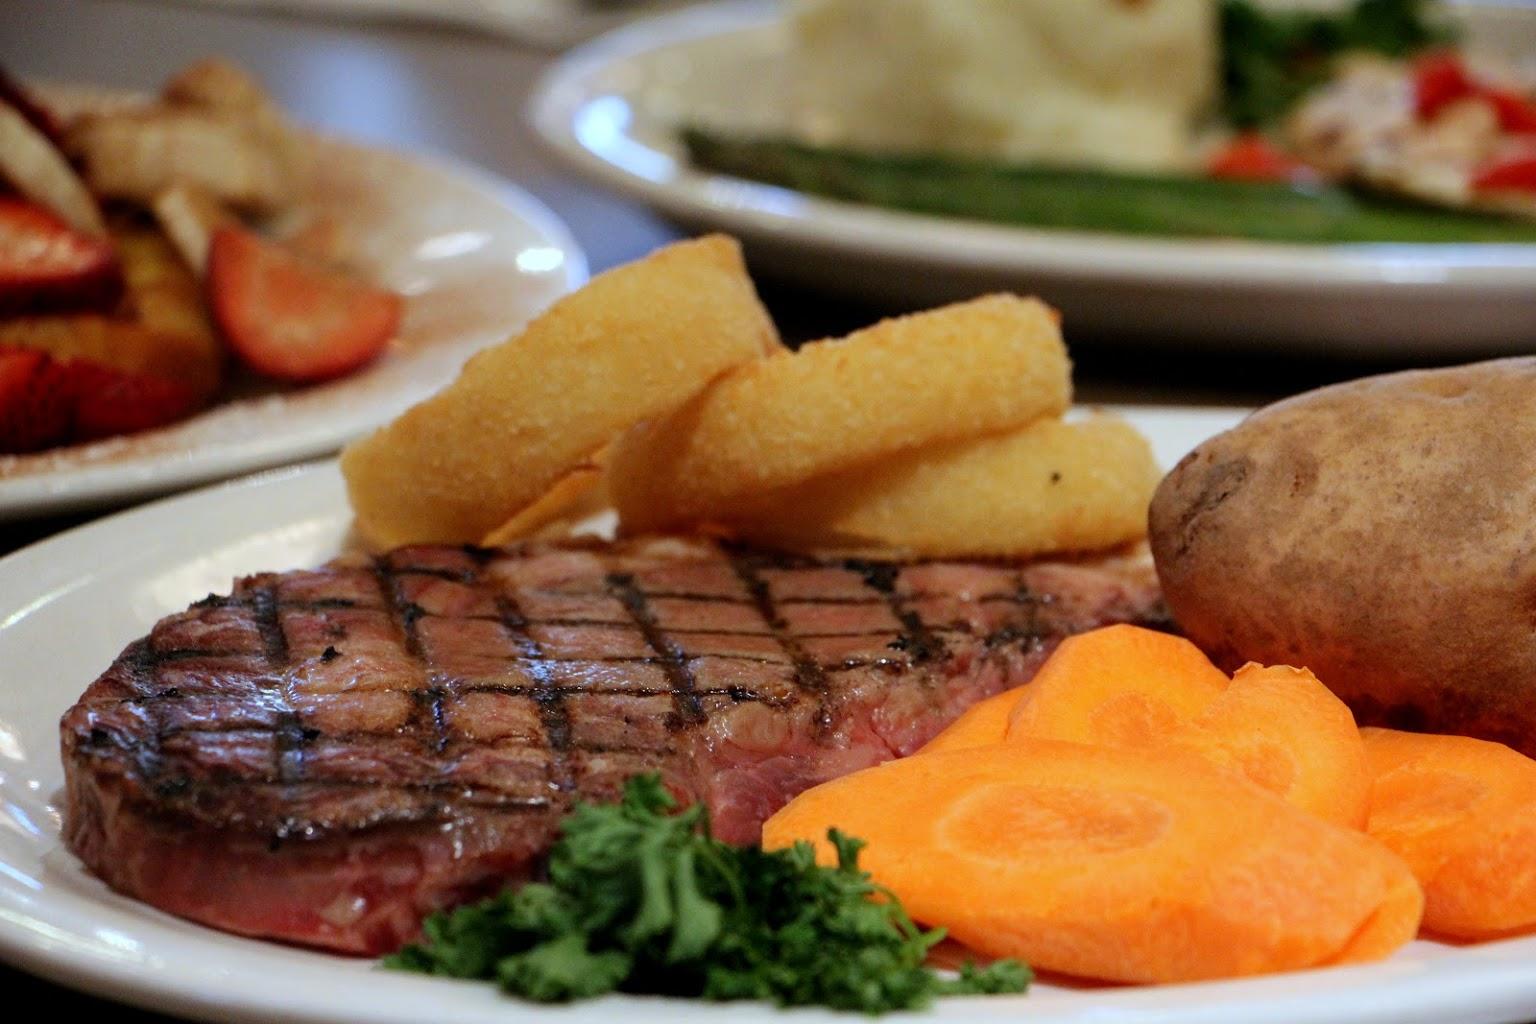 steak Maurice River Diner Port Elizabeth, NJ